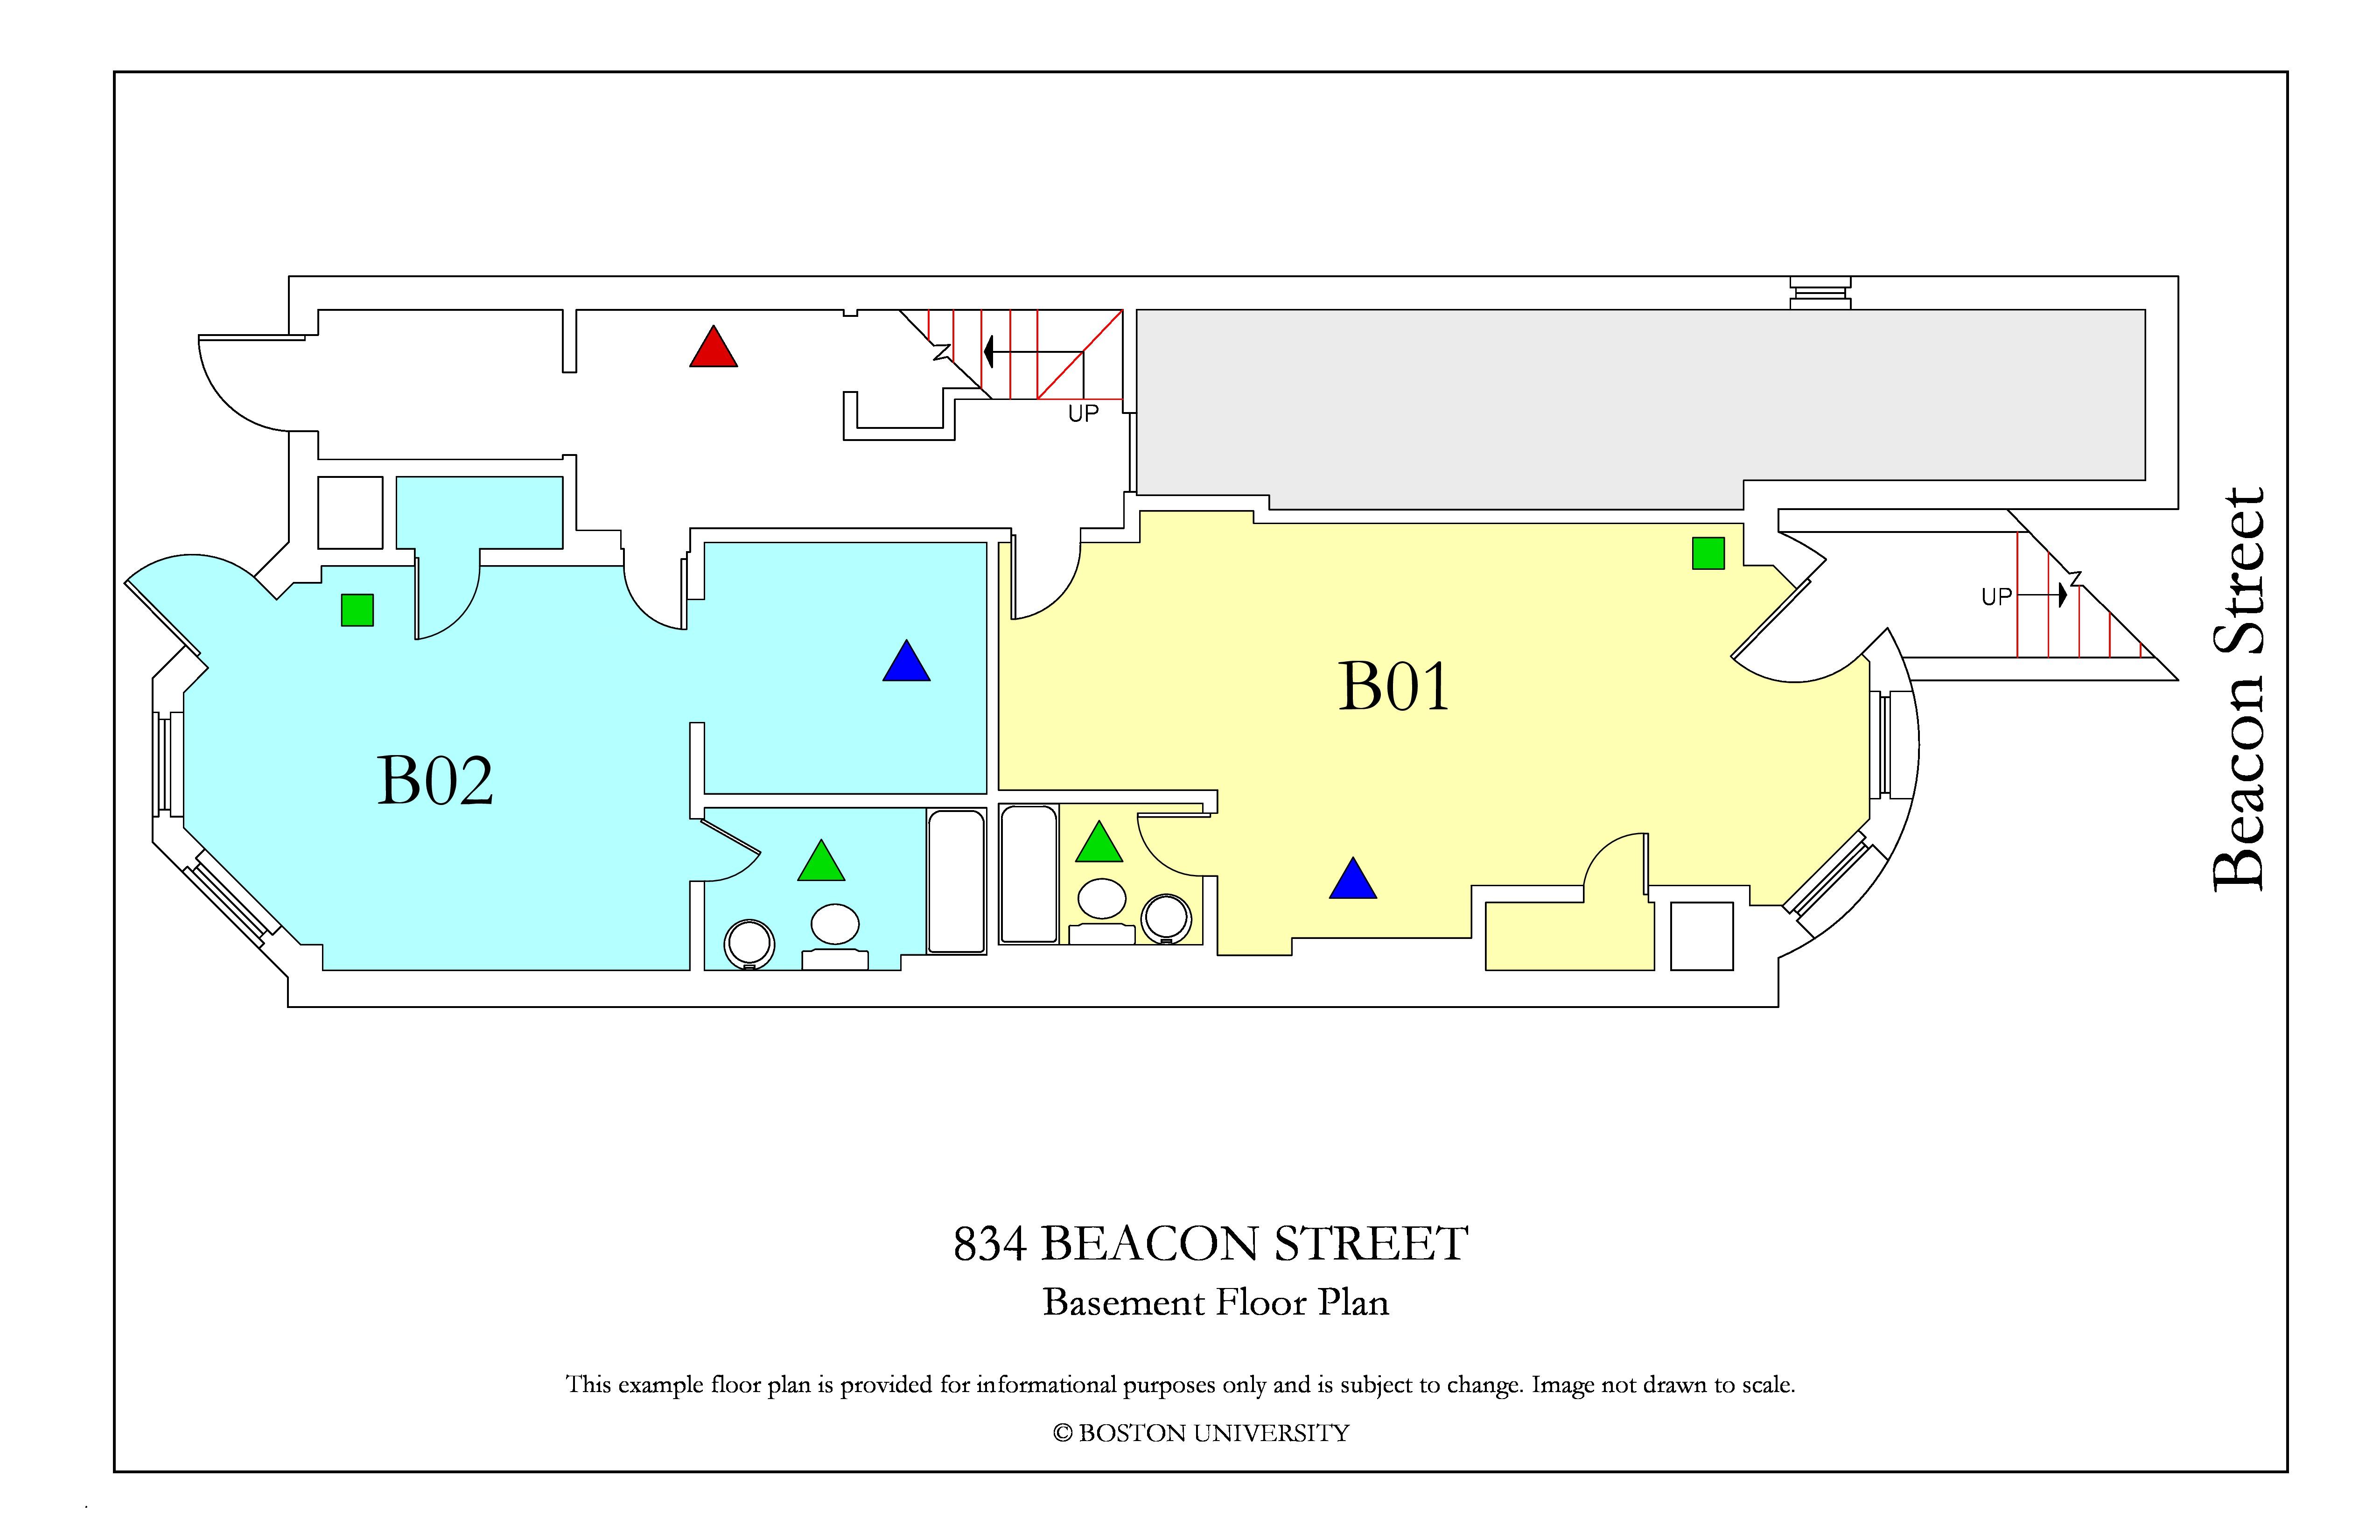 834 Beacon_BasementFloor